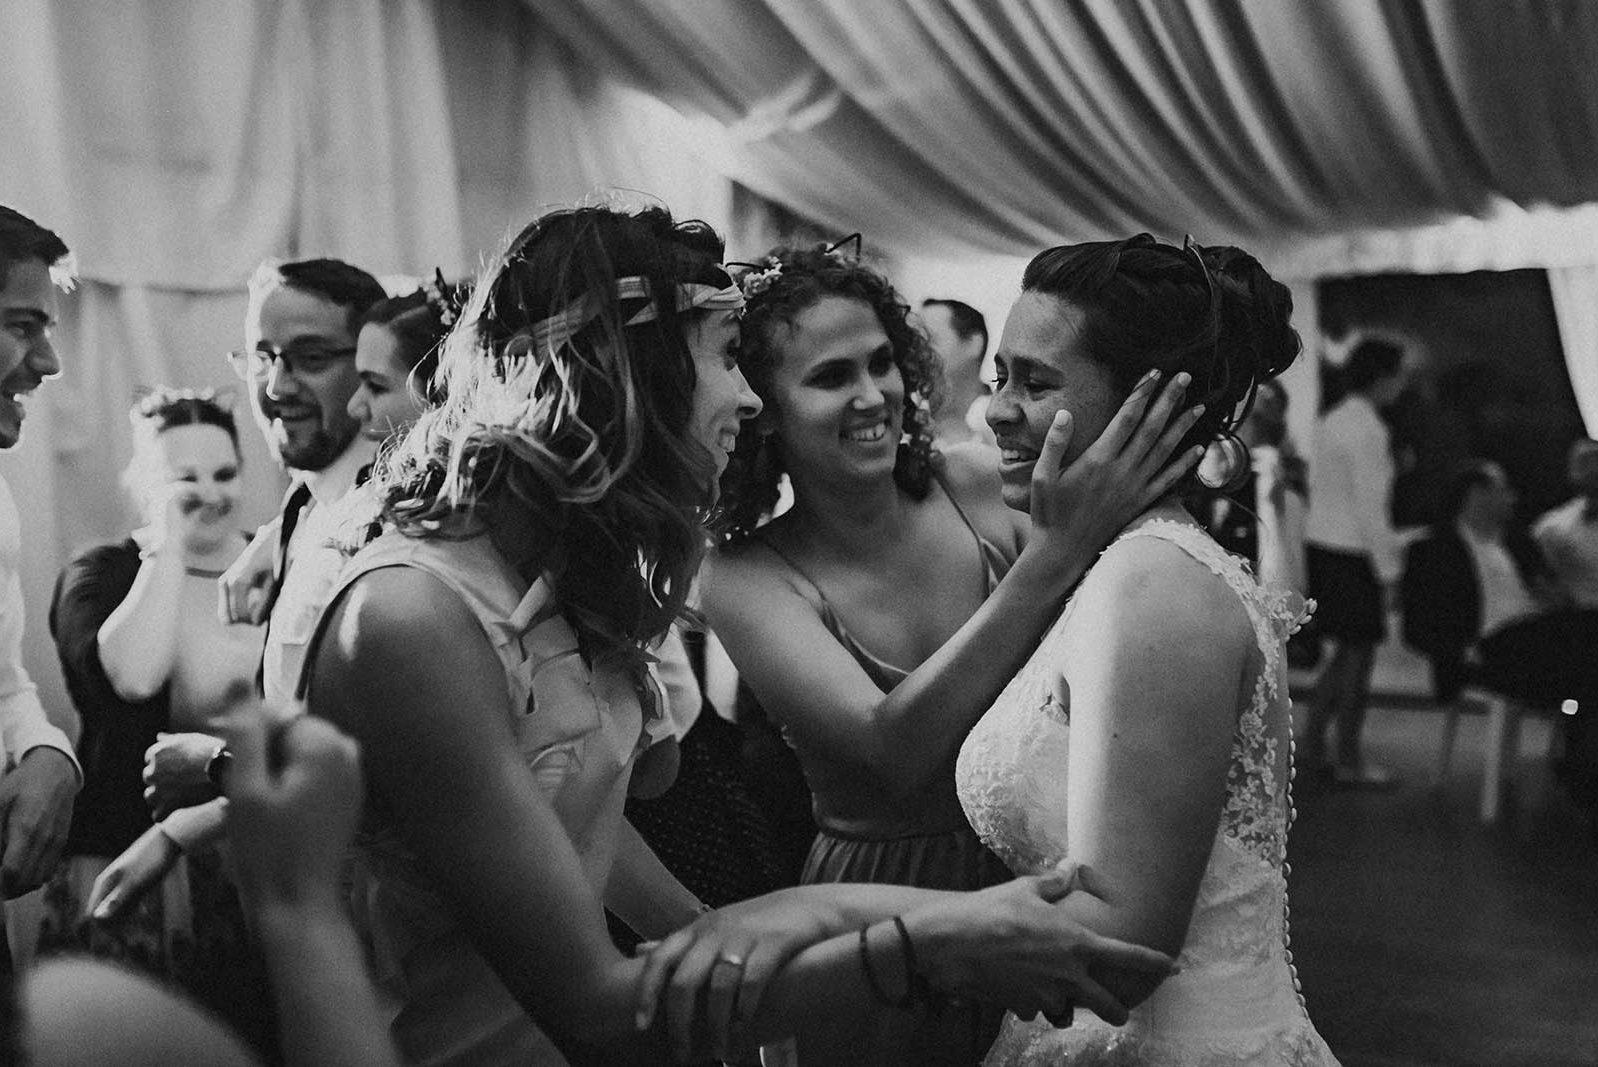 Des convives câlinent la mariée lors de la soirée.